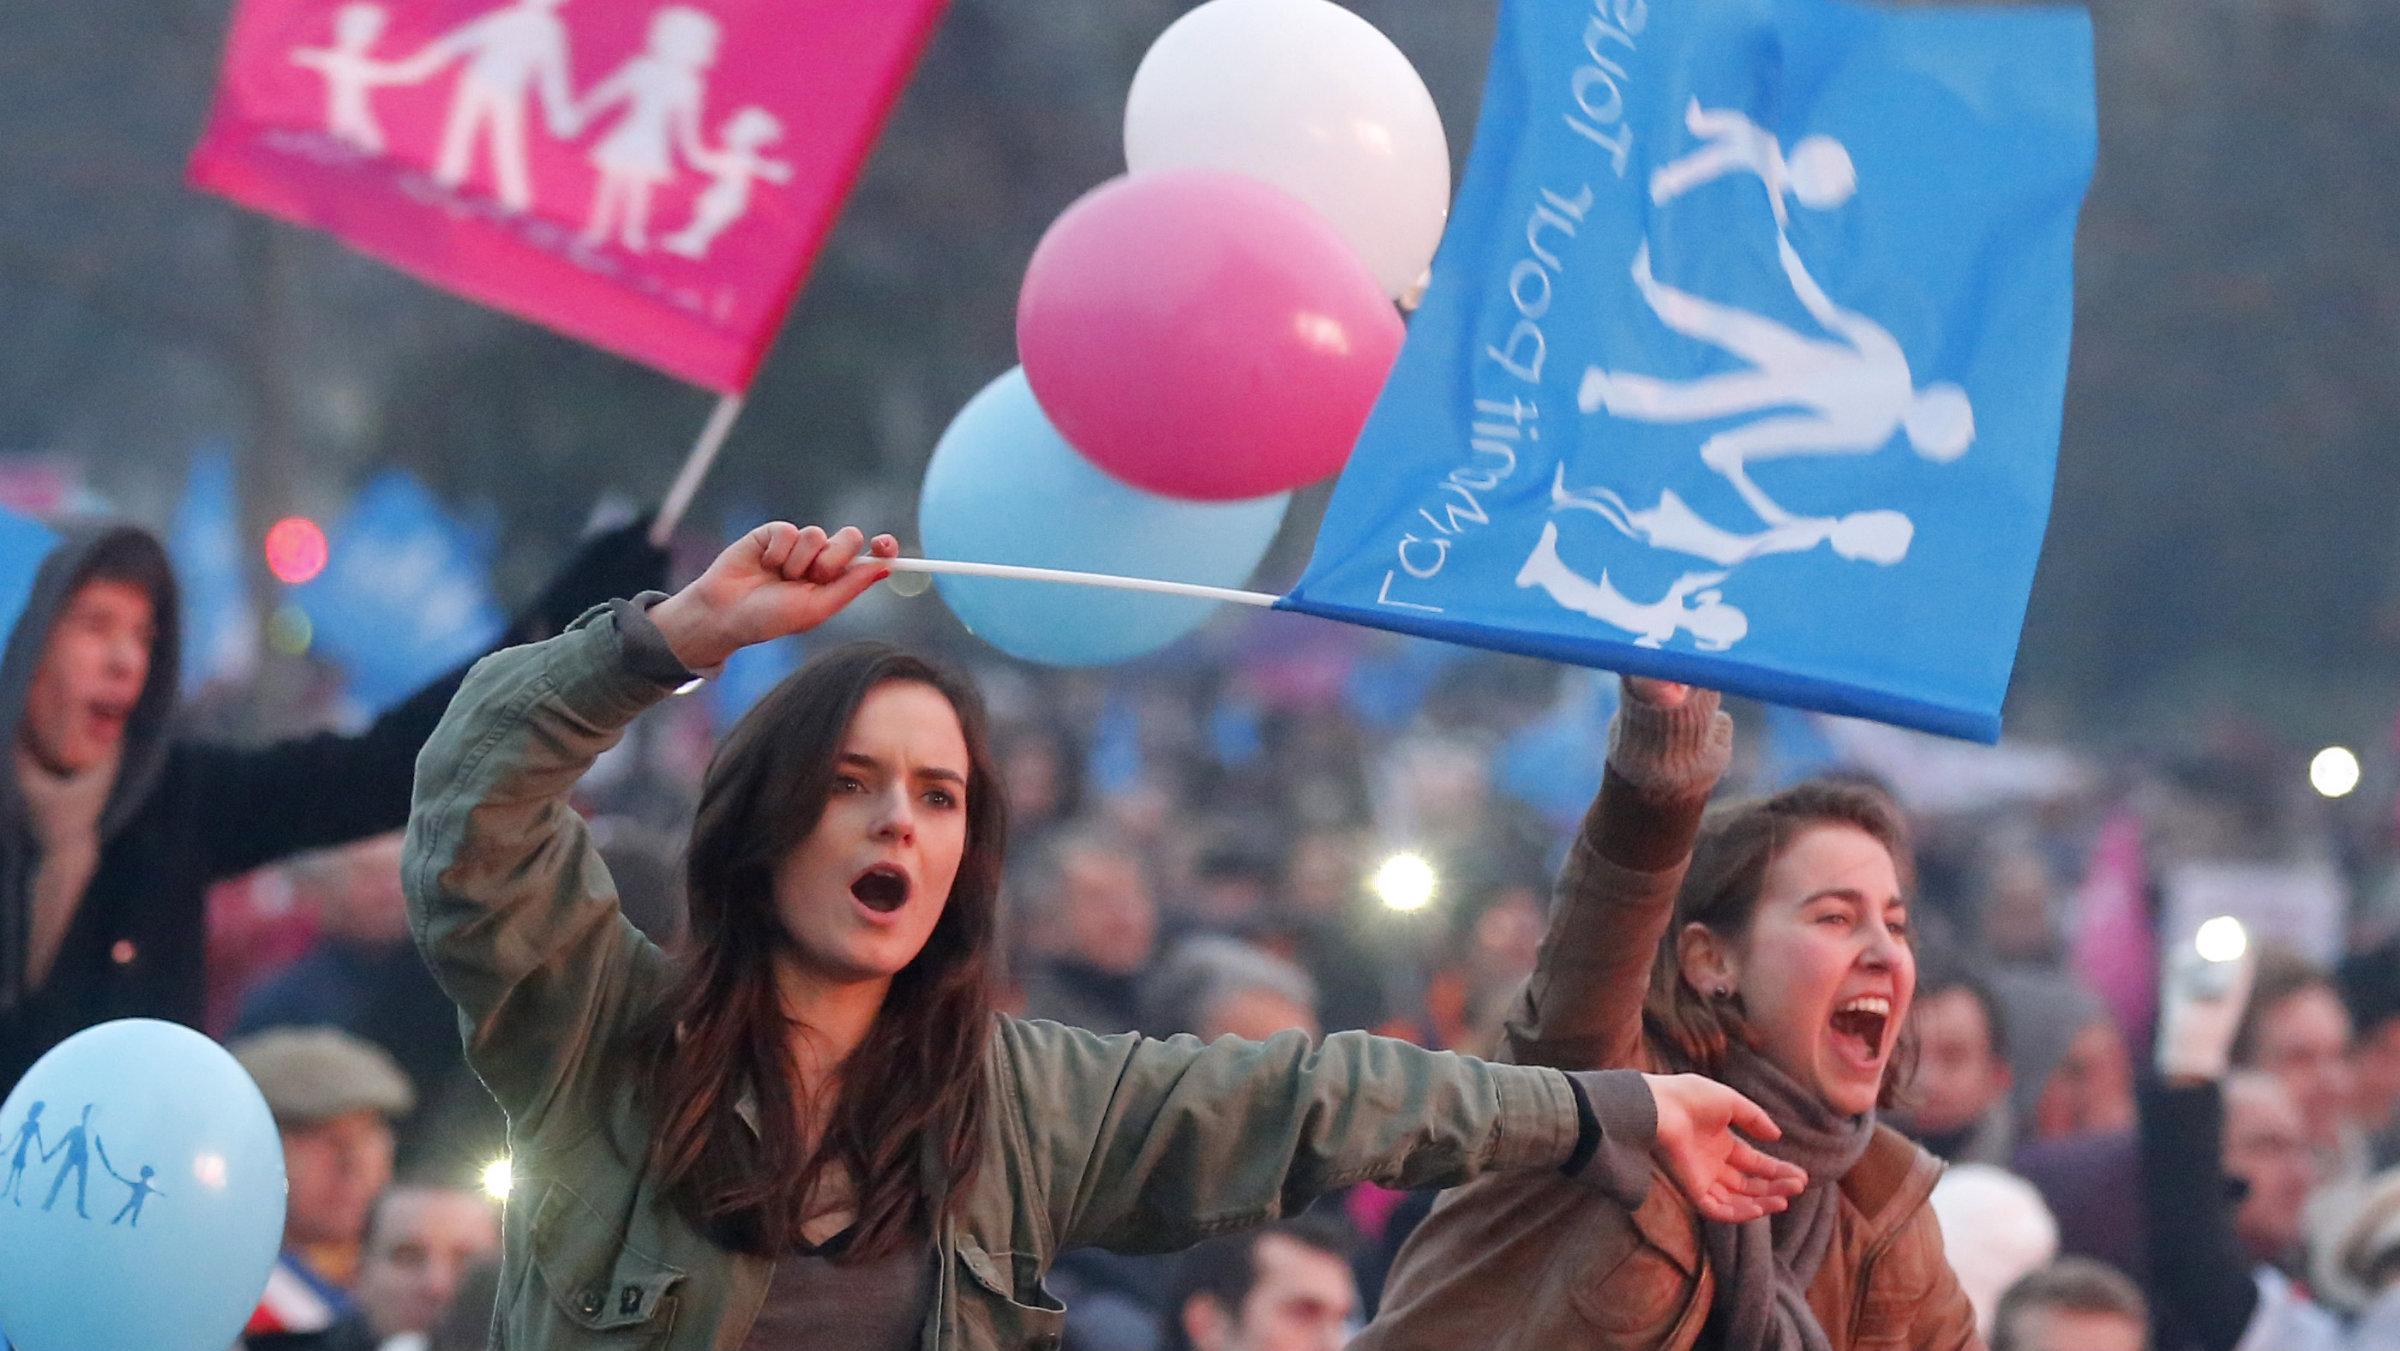 francegaymarriageprotest